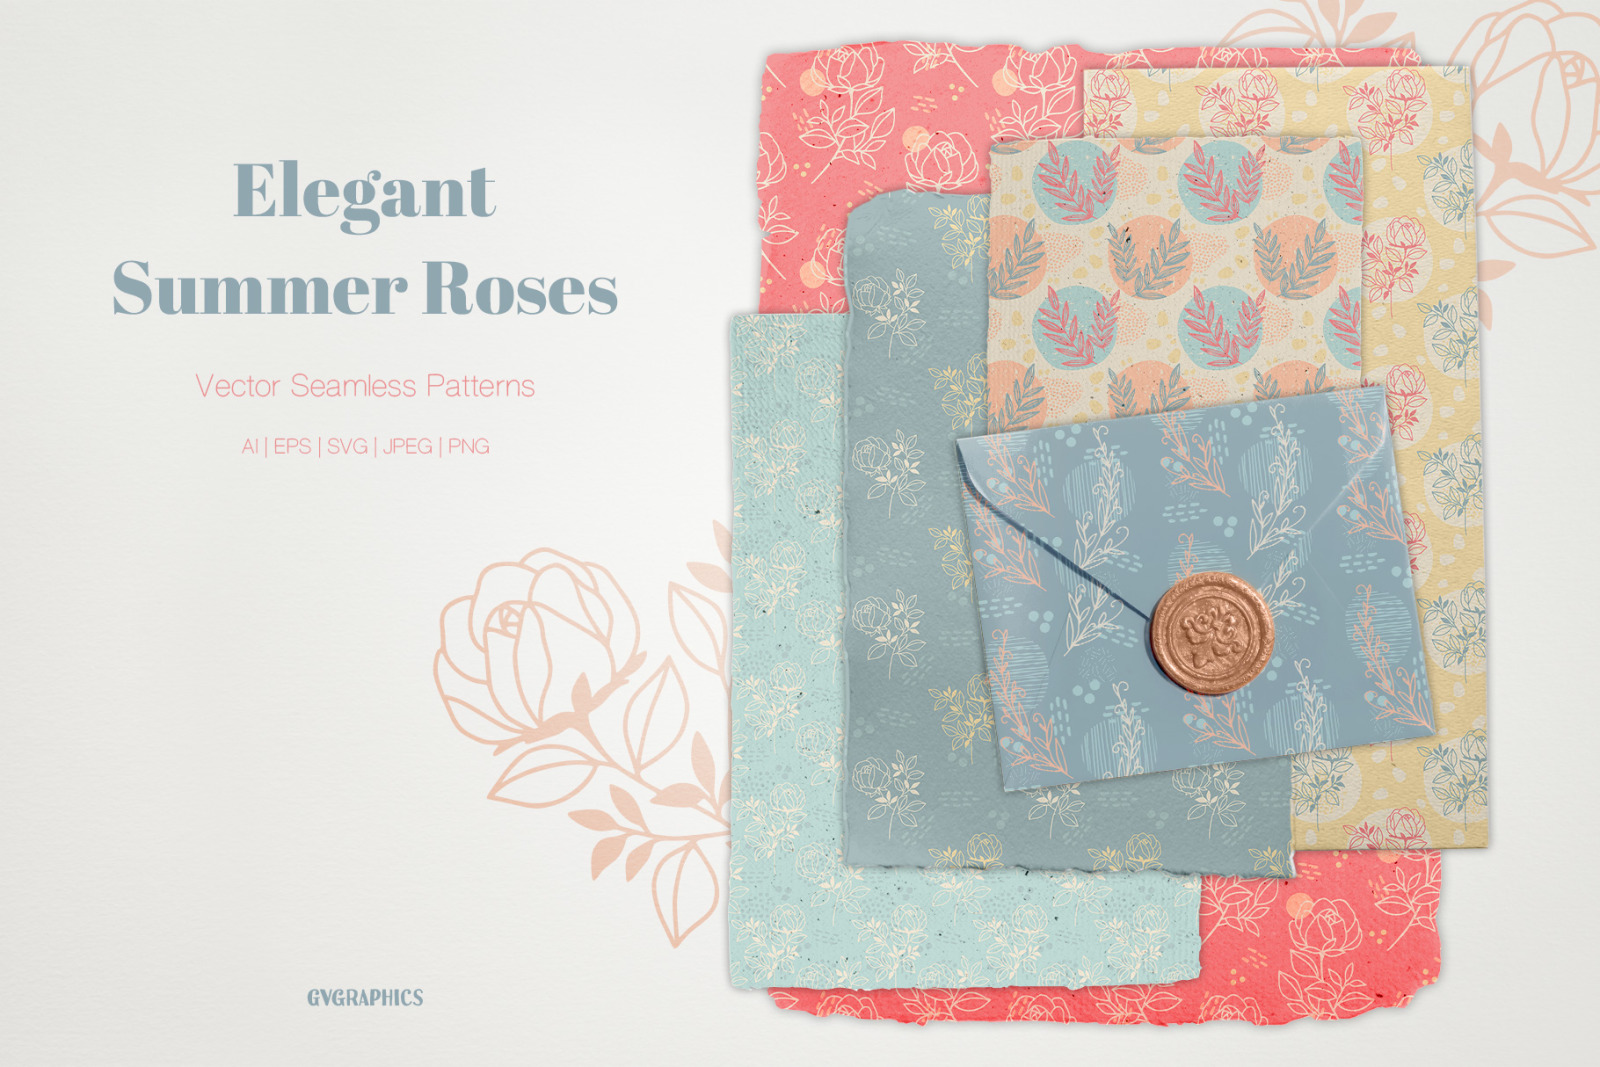 Elegant Summer Roses Vector Patterns